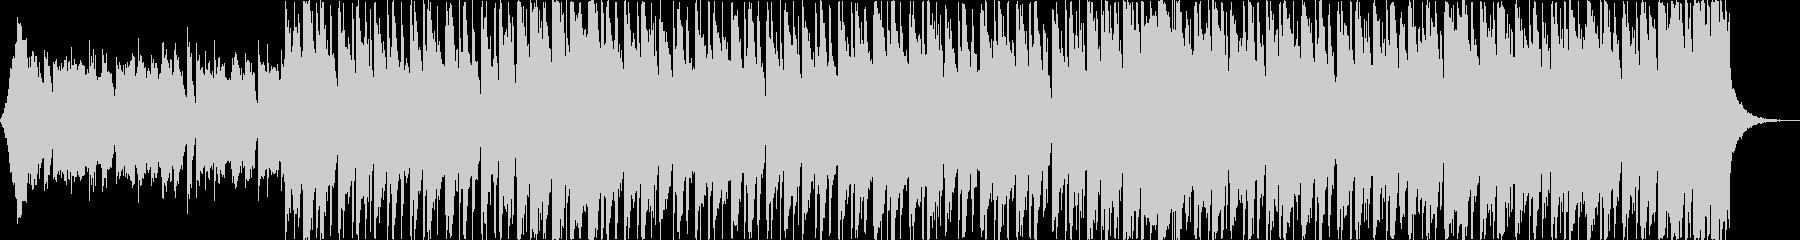 洋楽トラップヒップホップパリピEDMbの未再生の波形